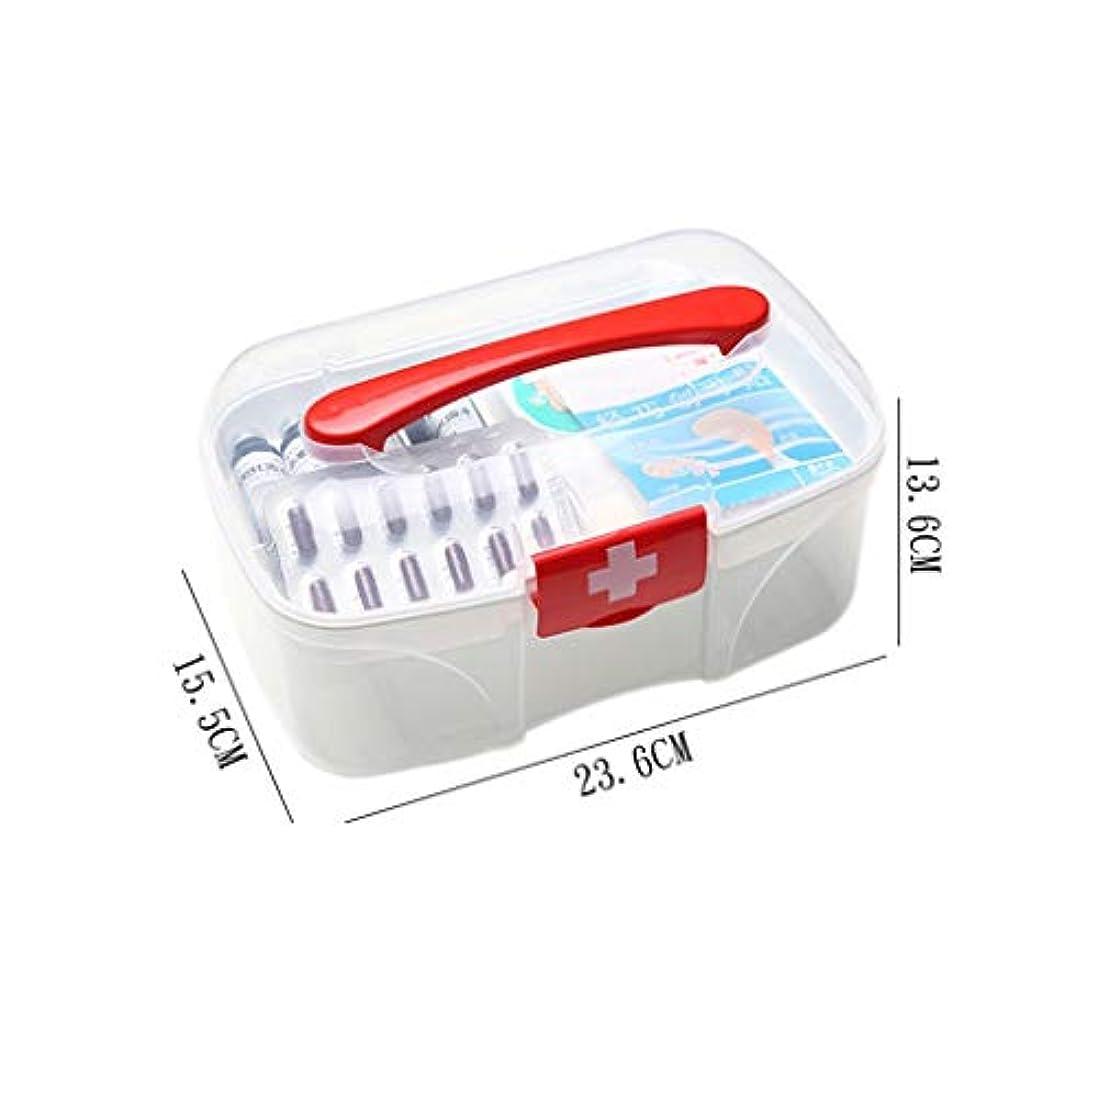 家庭用薬箱こども応急処置キット薬収納ボックスプラスチック携帯用薬箱 LIUXIN (Color : White, Size : 13.6cm×23.6cm×15.5cm)